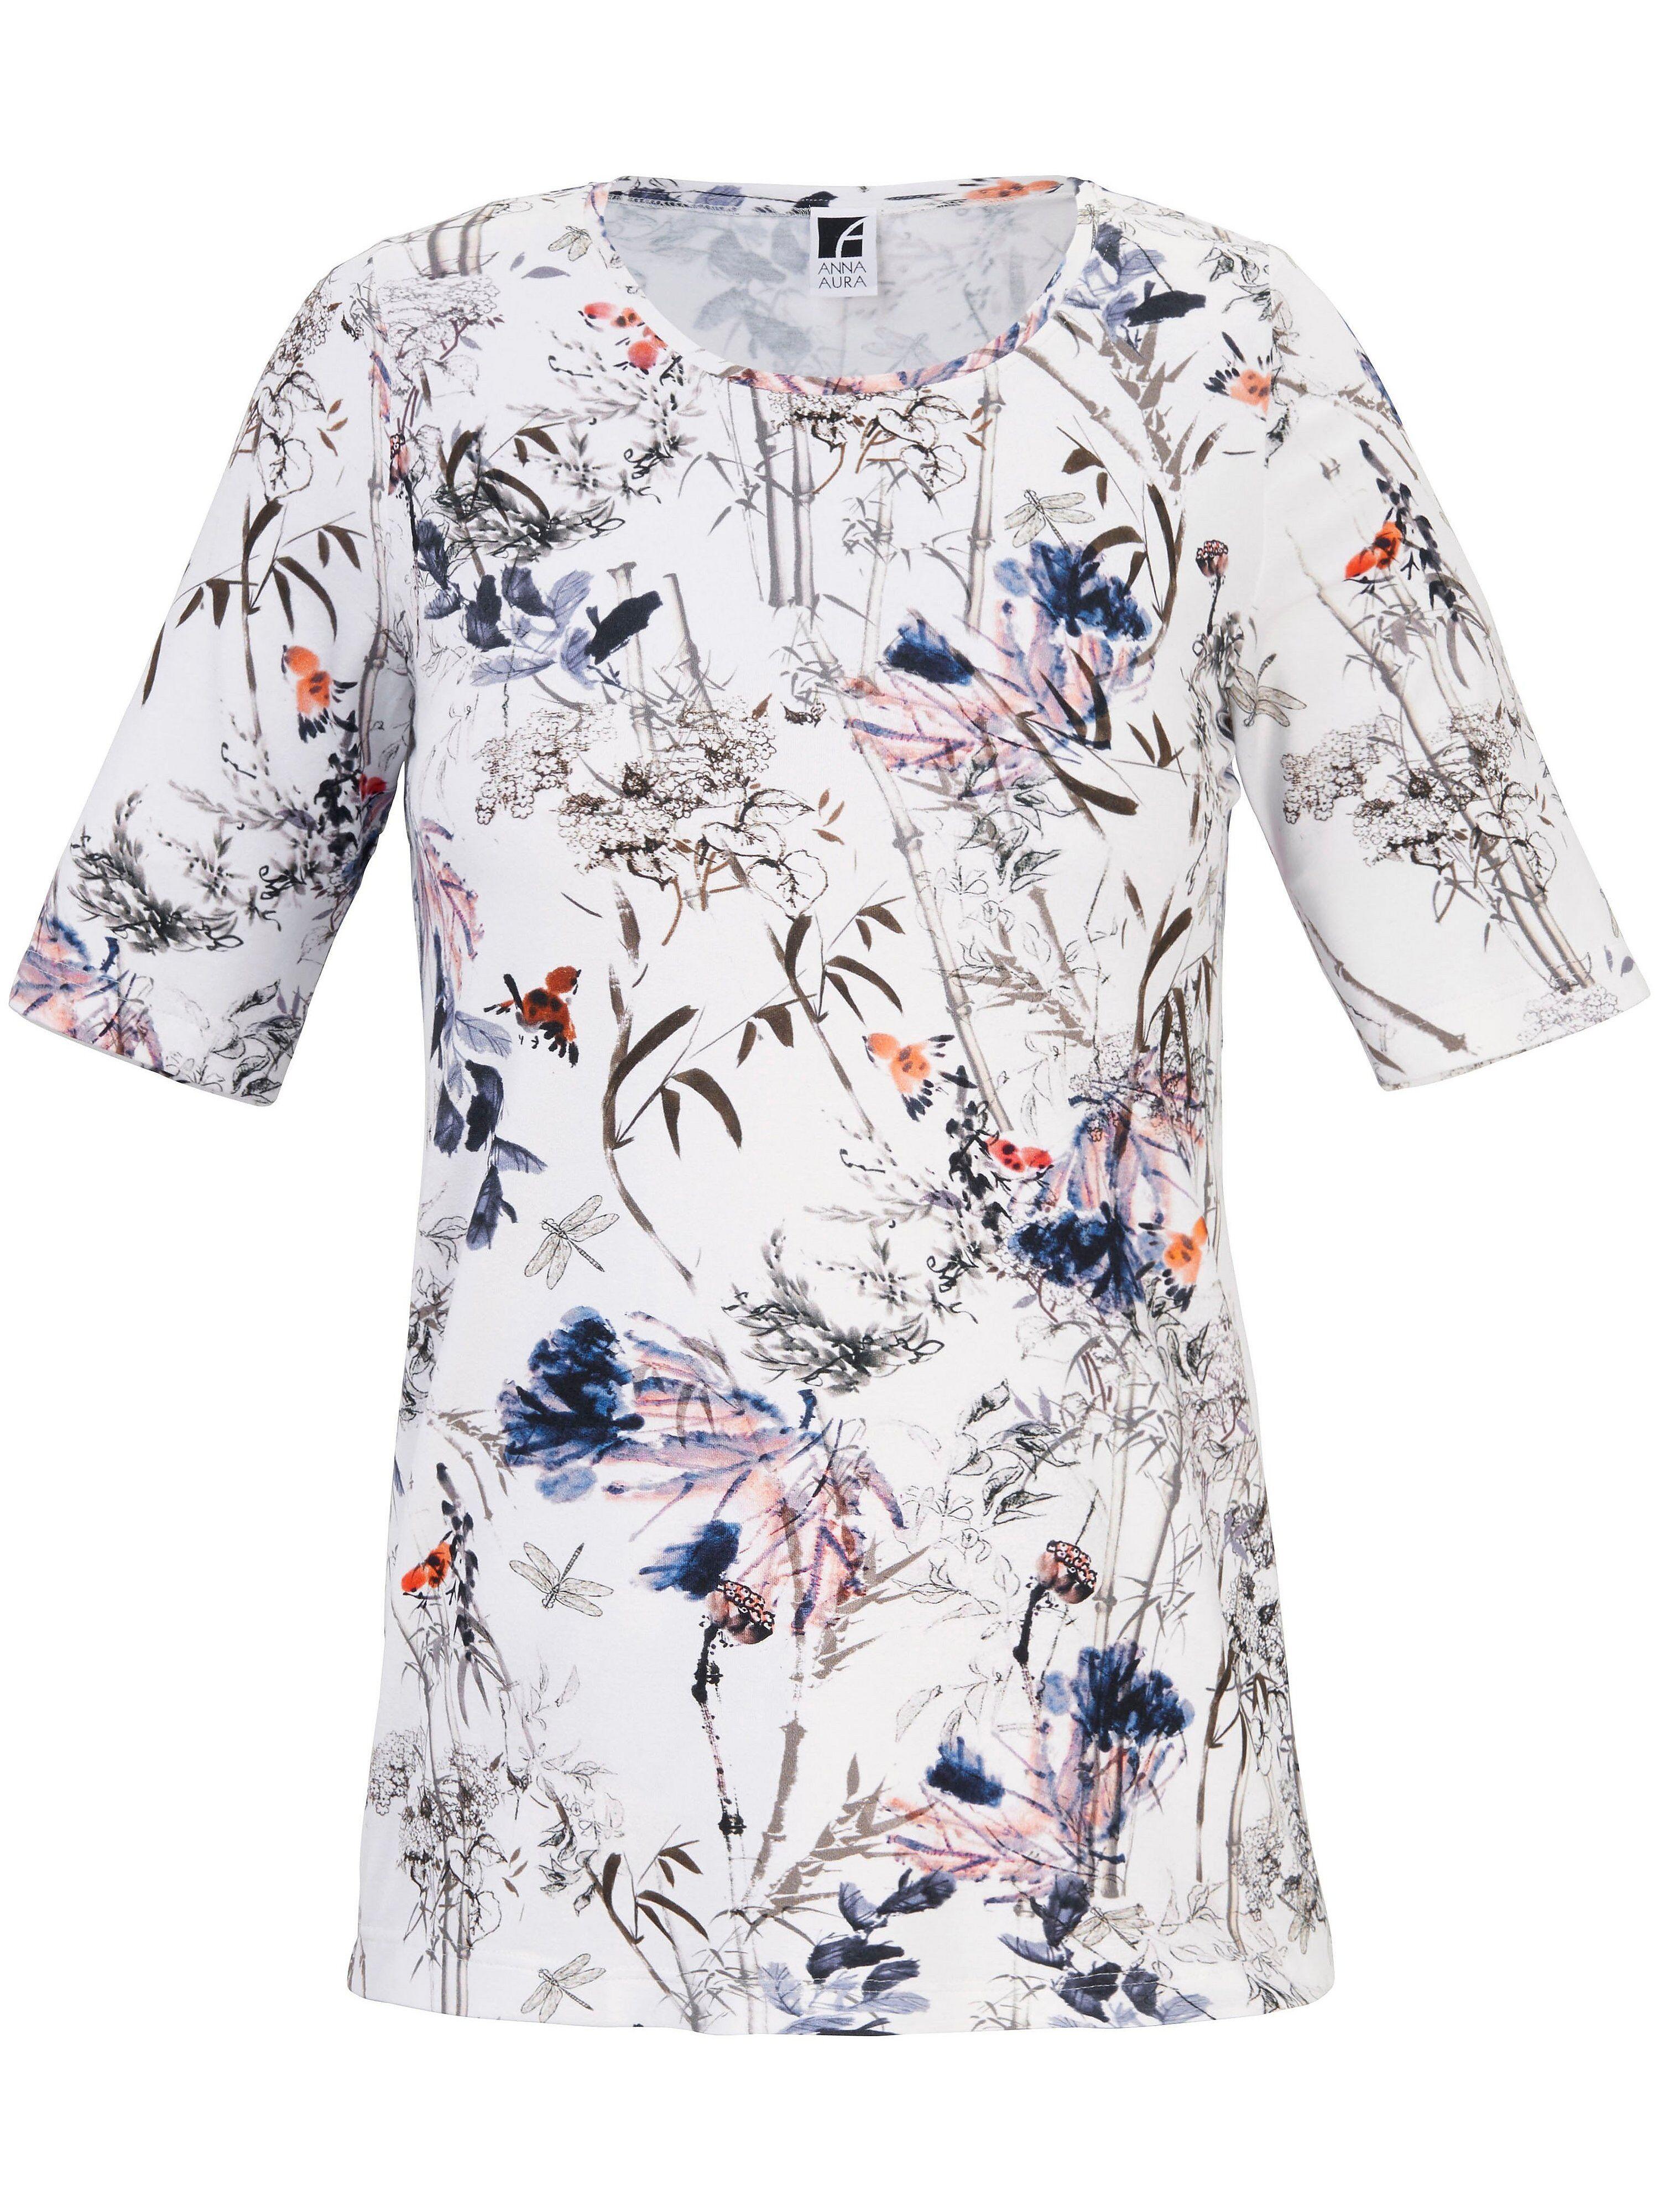 Anna Aura Le T-shirt imprimé, ligne décontractée  Anna Aura blanc  - Femme - 42